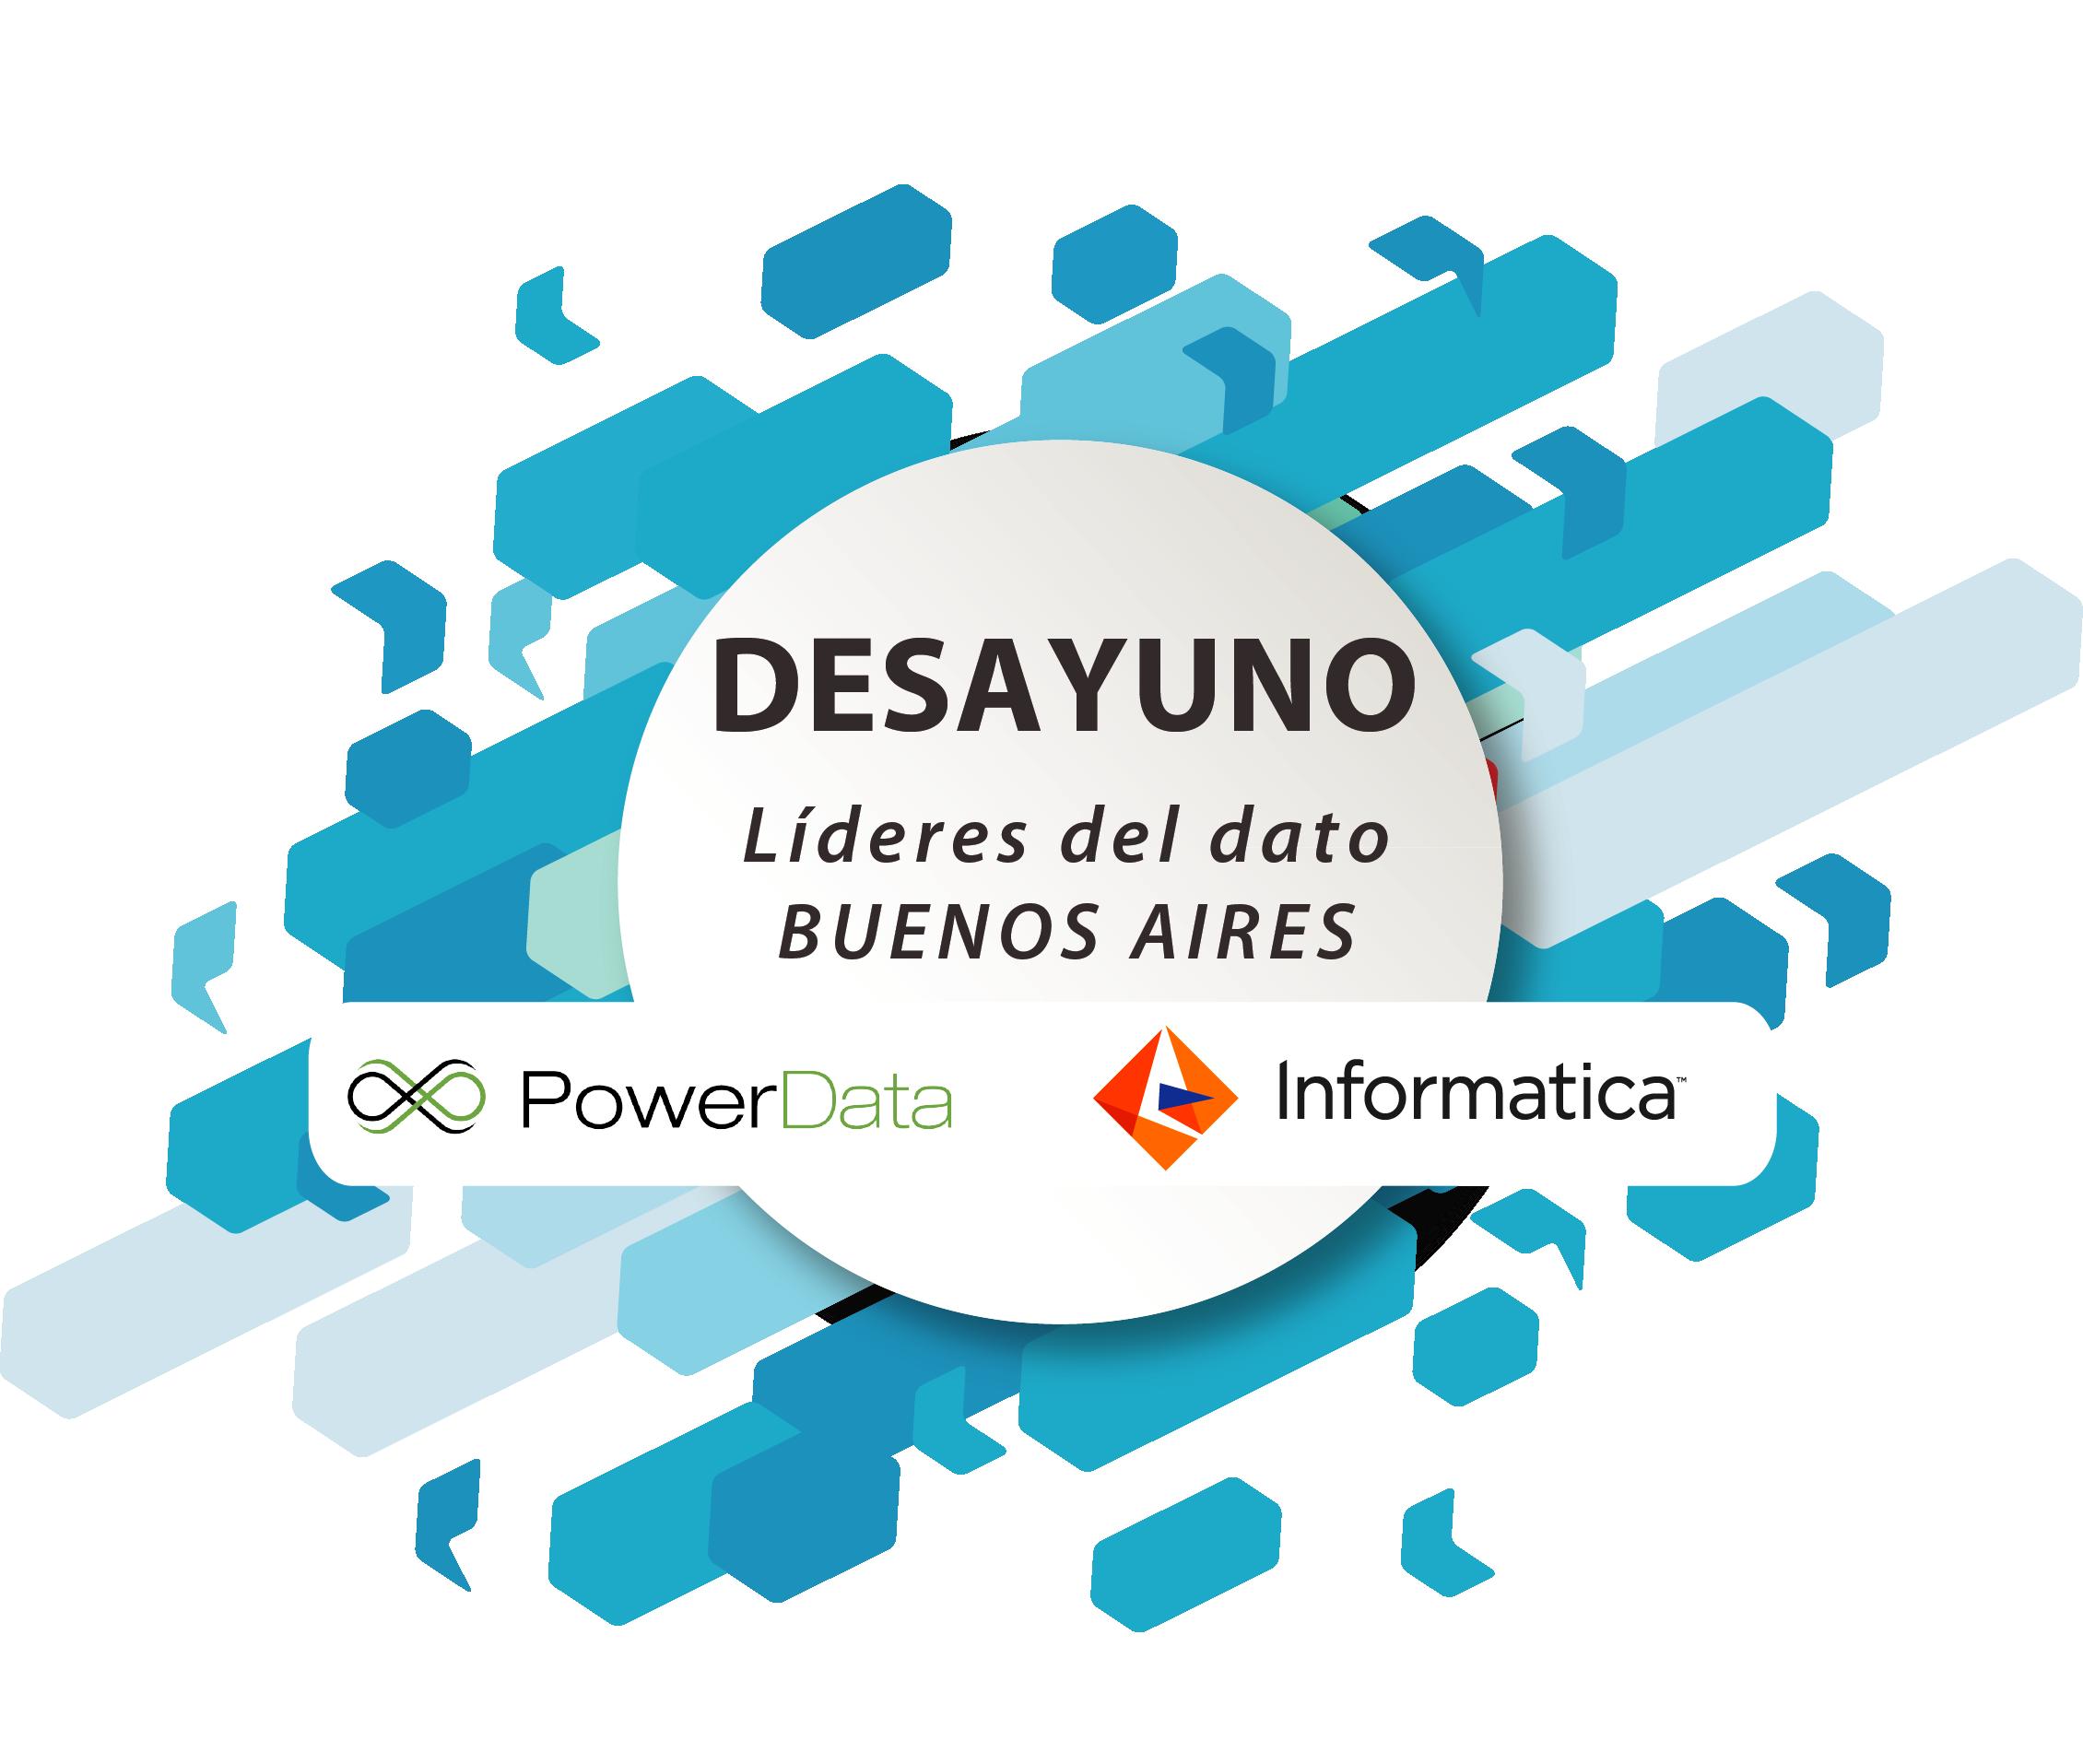 Informatica & PowerData convocan a los líderes del Dato en Buenos Aires. Desayuno de CDOs